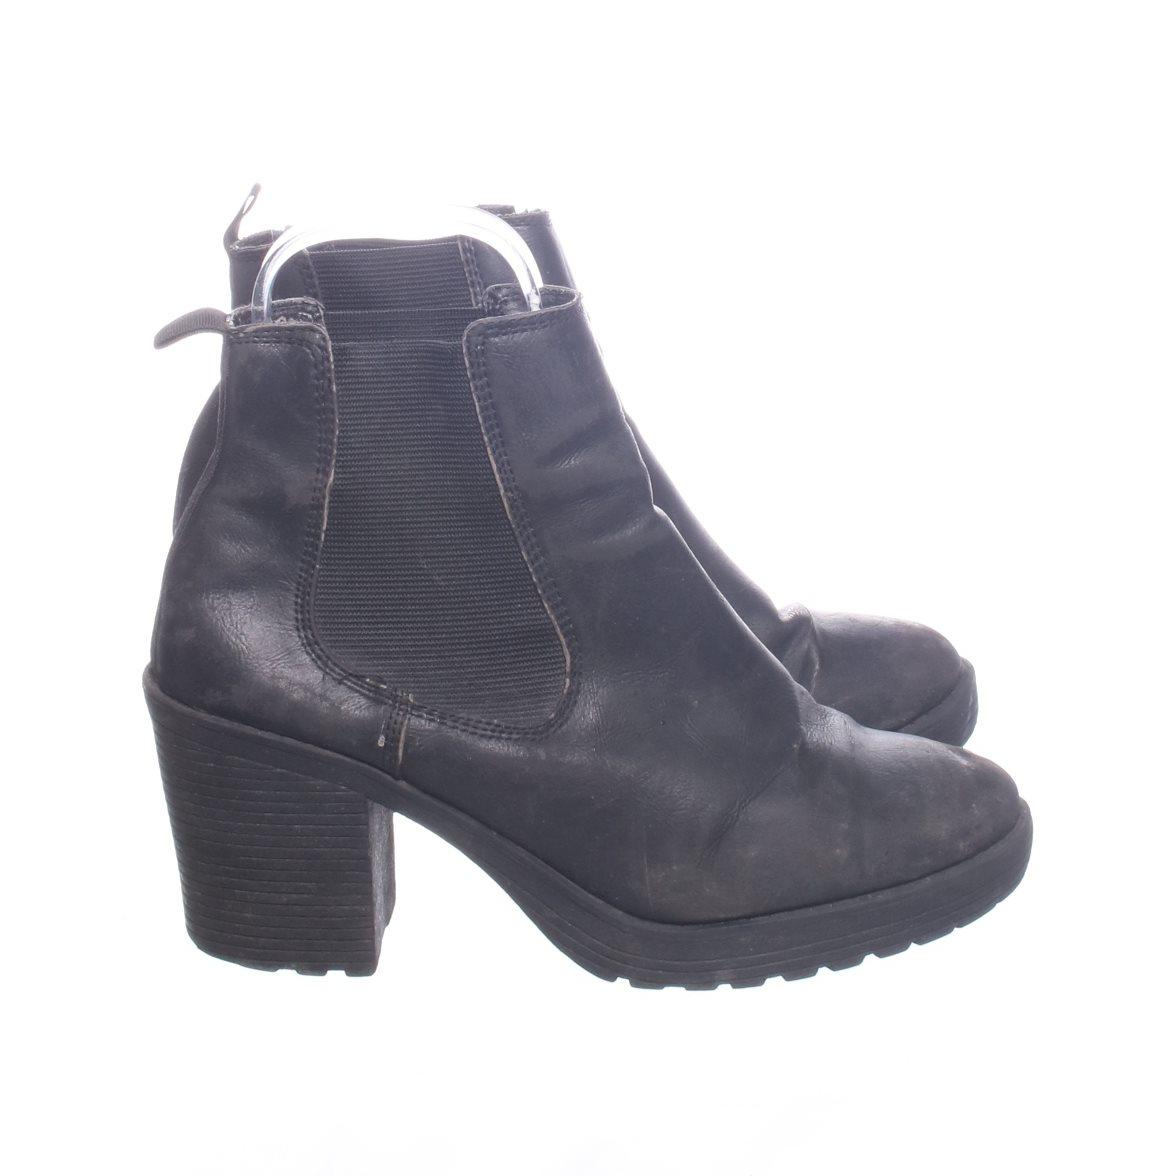 Vox Shoes 9811c26877f96